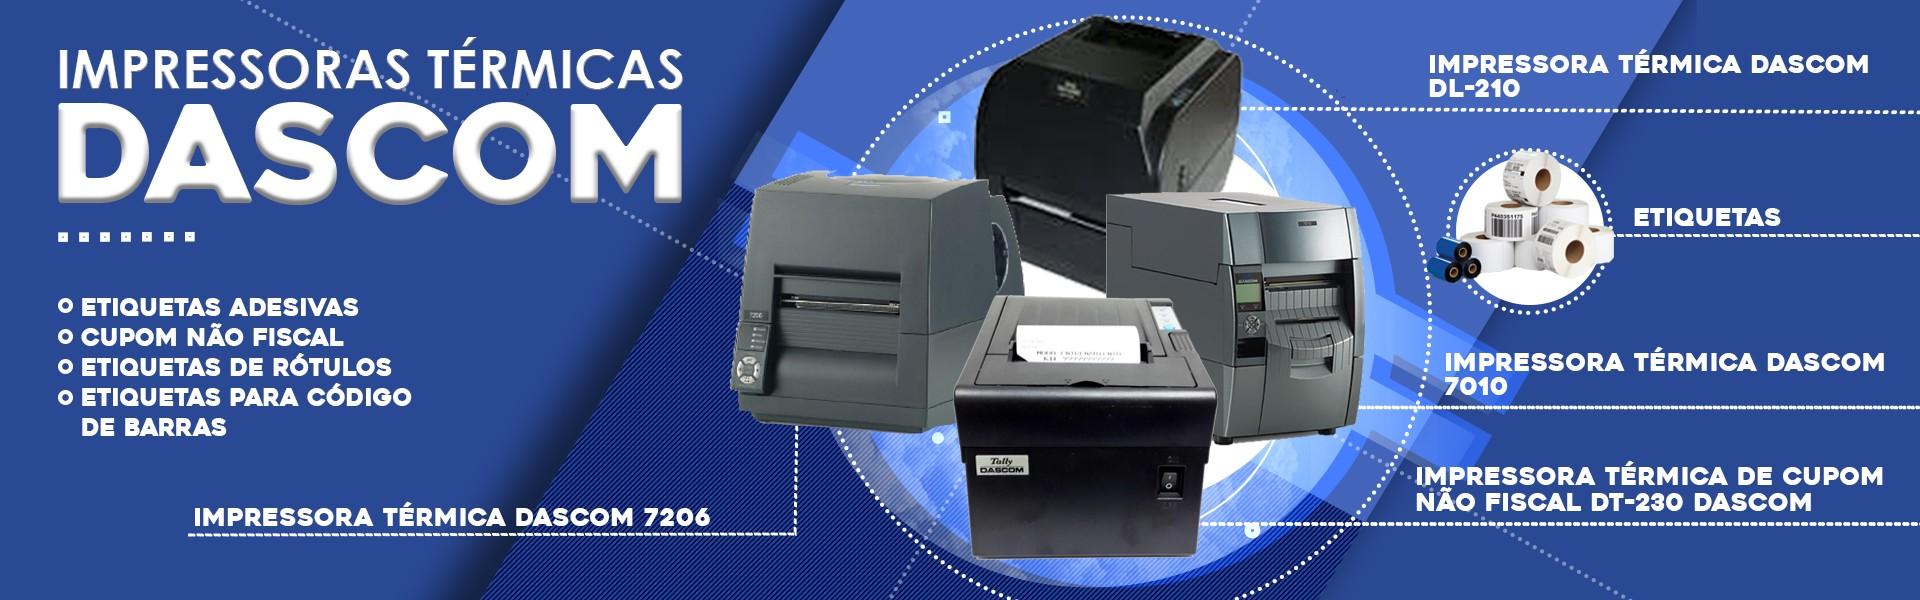 Impressoras Térmicas Dascom